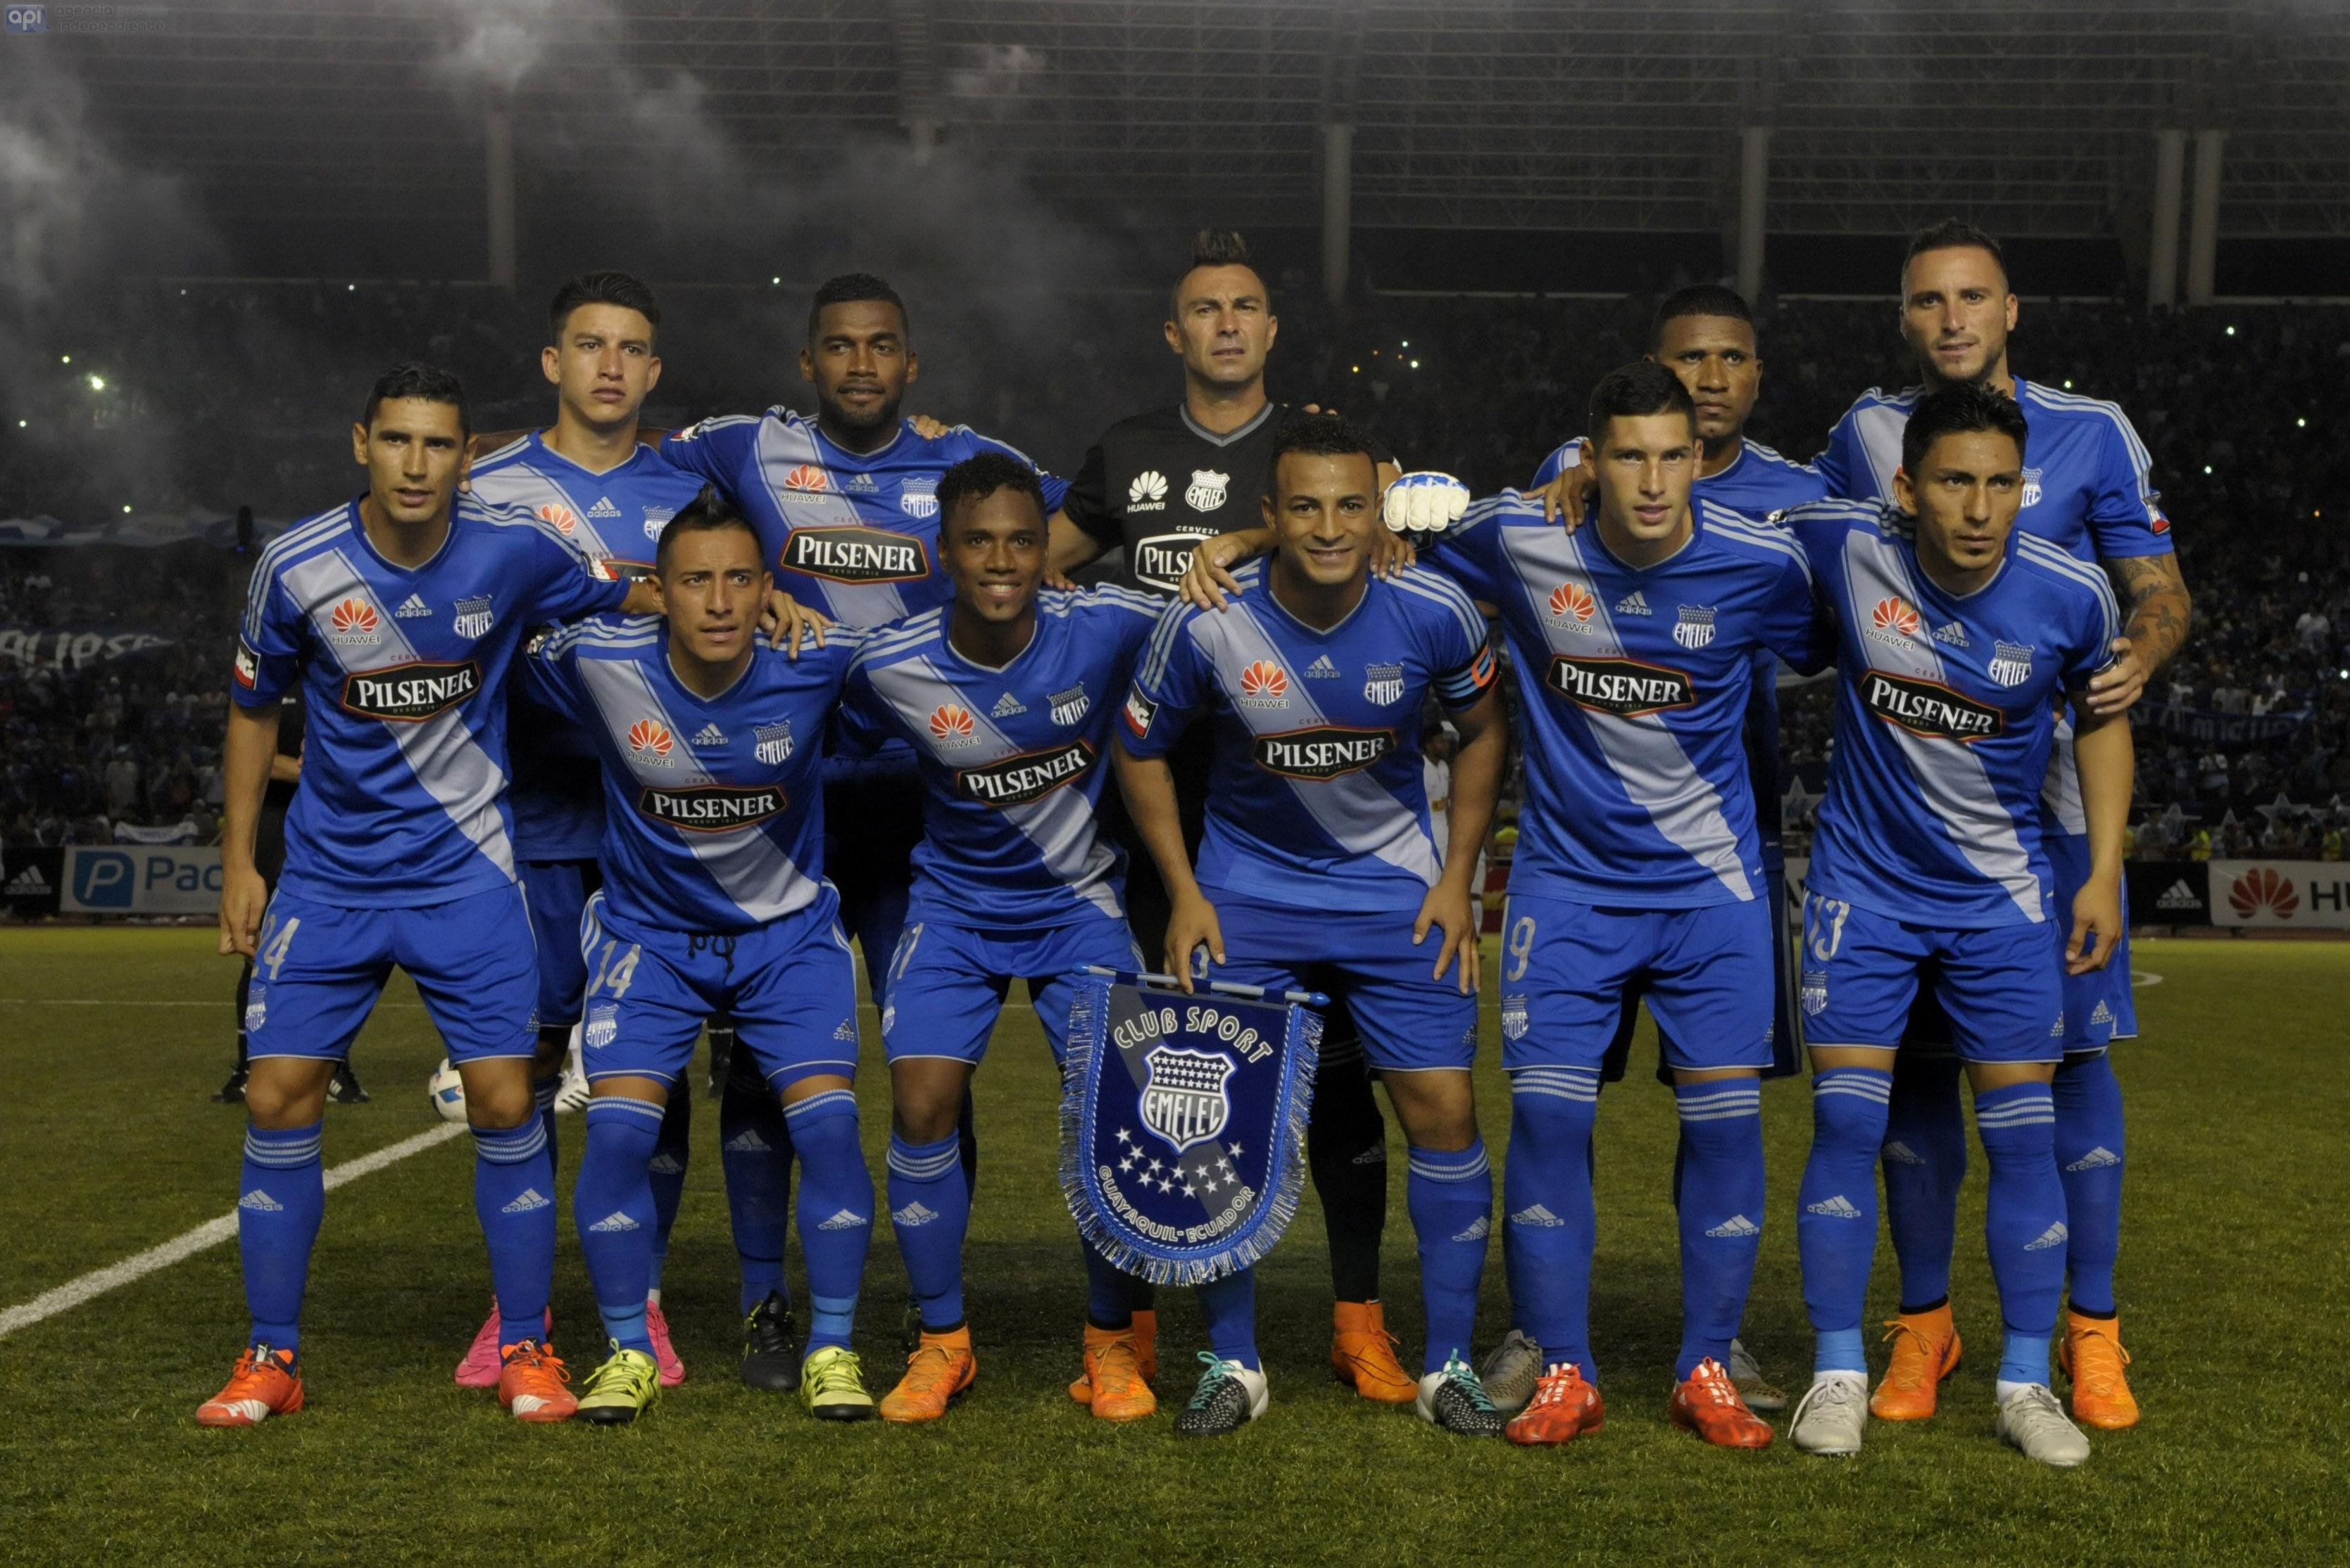 Calendario De Nacional En Copa Libertadores 2019 Emelec Diego Arcos